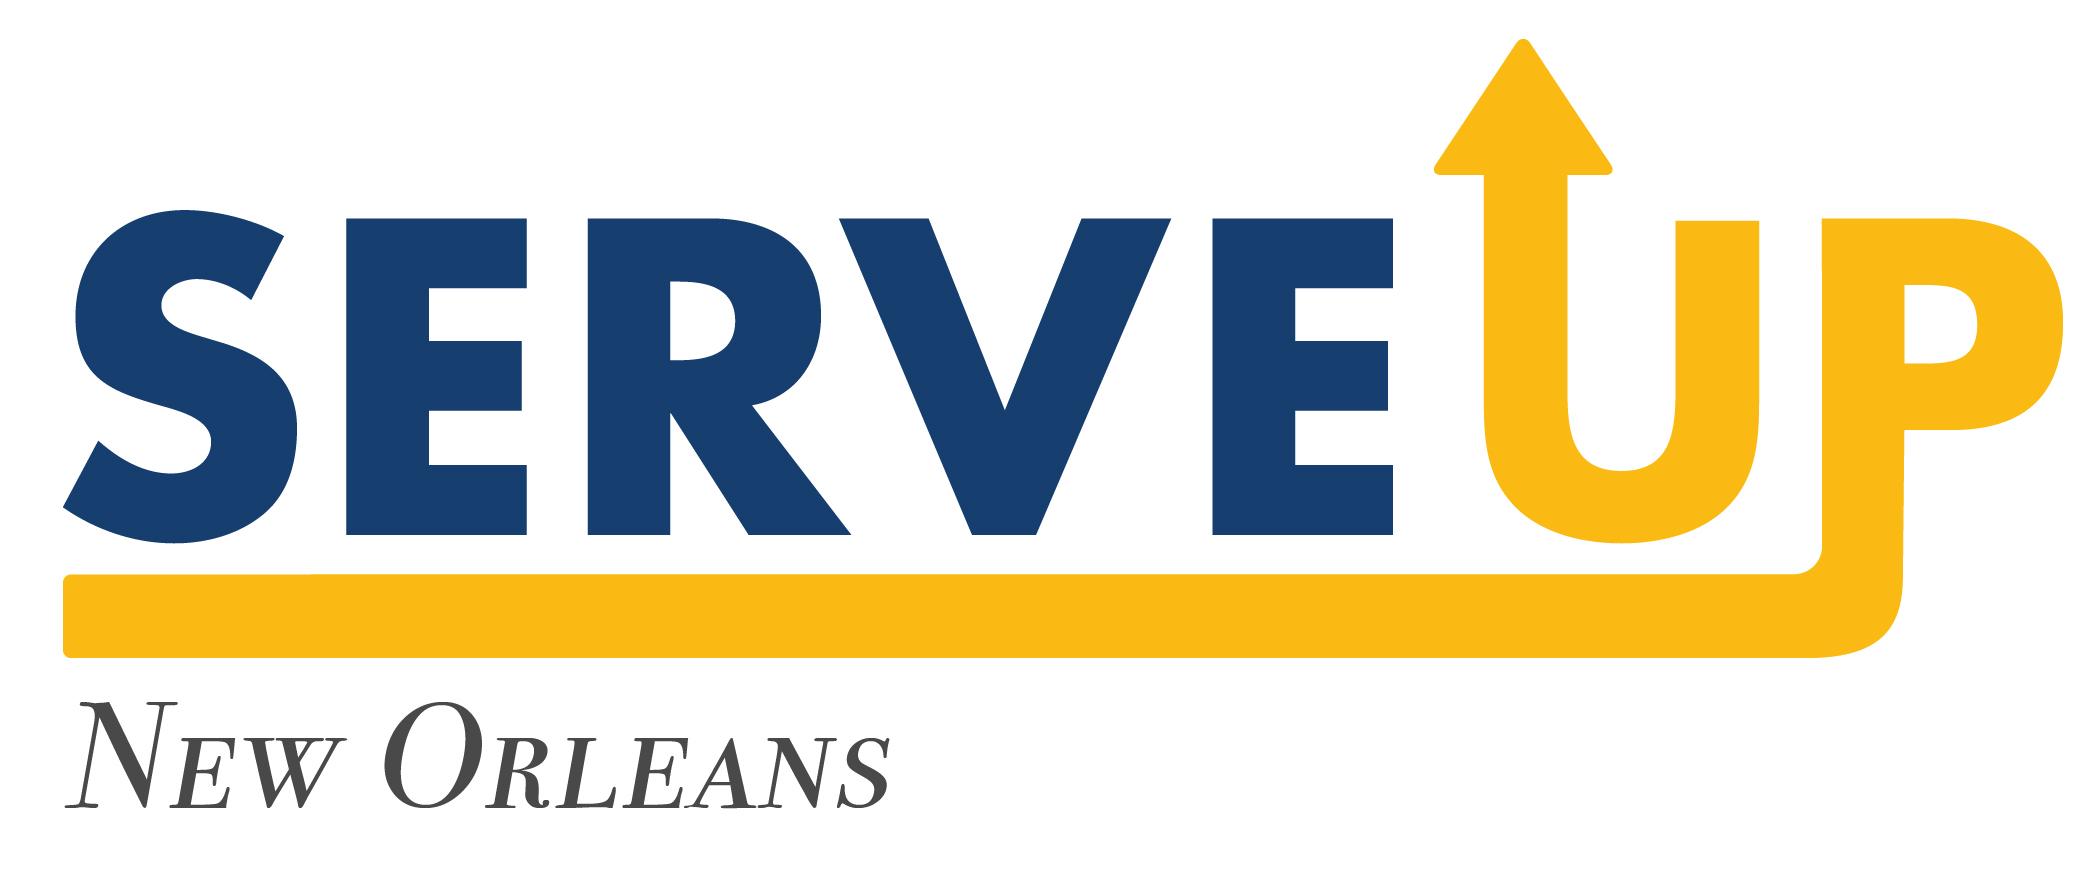 ServeUpNewOrleans.org